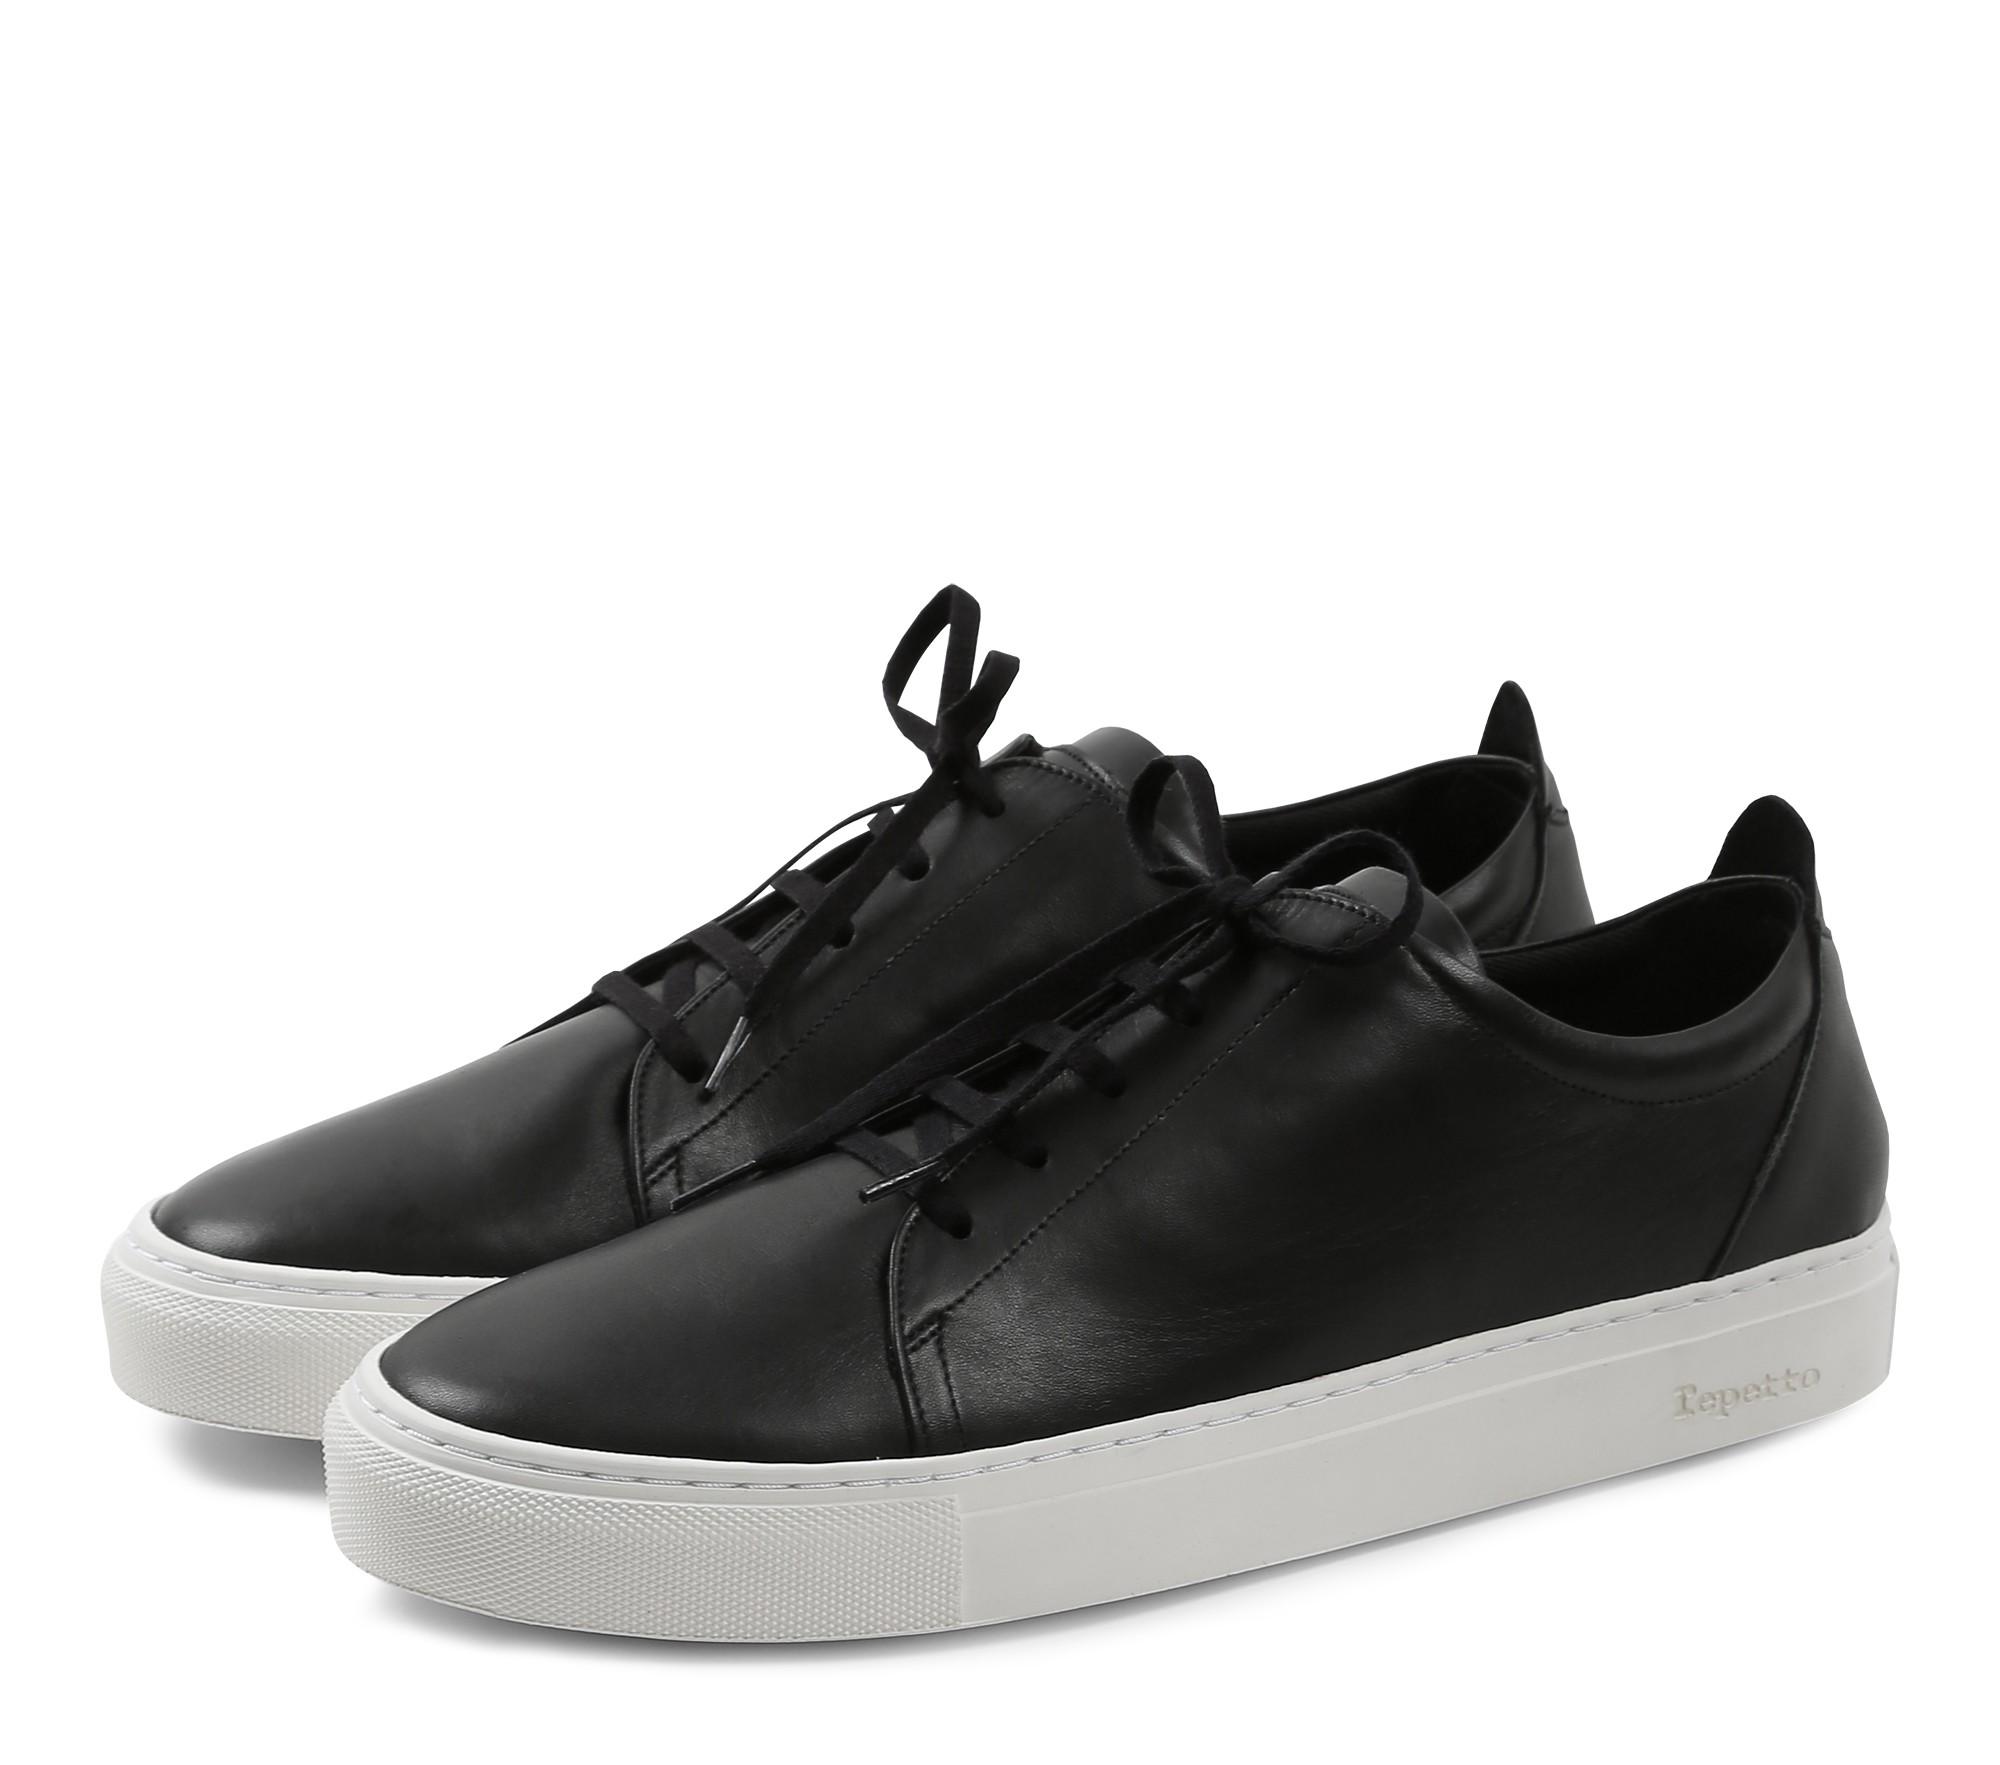 Sneakers Fanfan - Homme